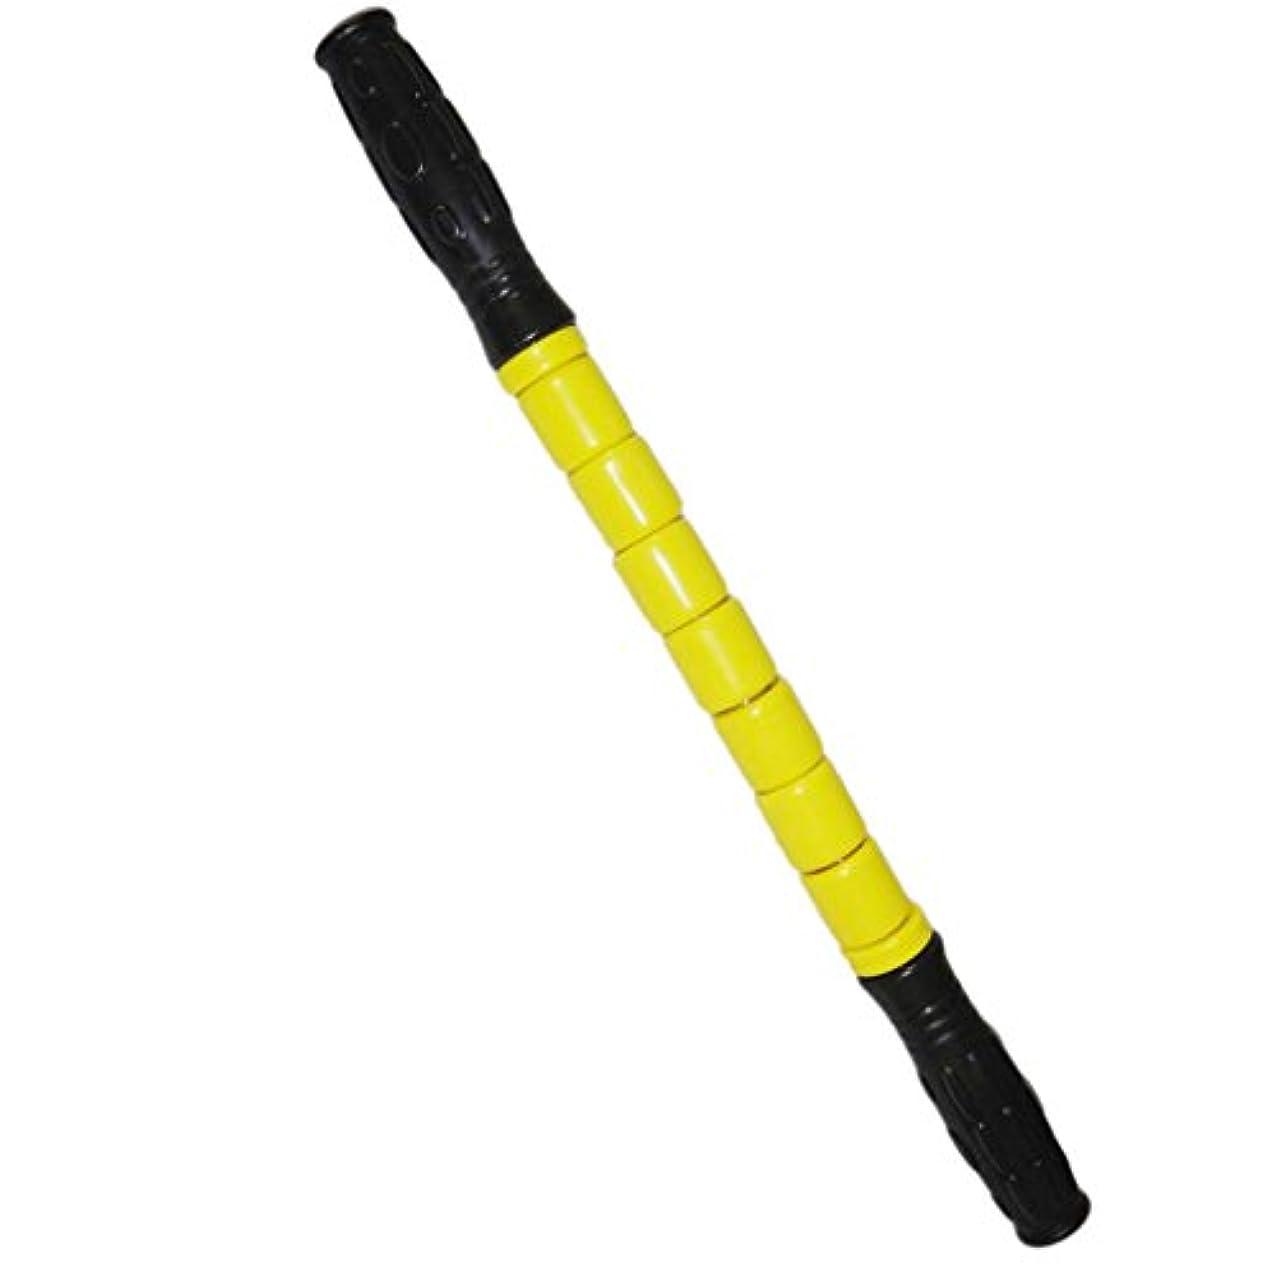 刃パートナー物理的にマッサージ スティック 筋 筋膜 リリース ツール マッスル マッサージ 痛み 緩和 全3色 - 黄